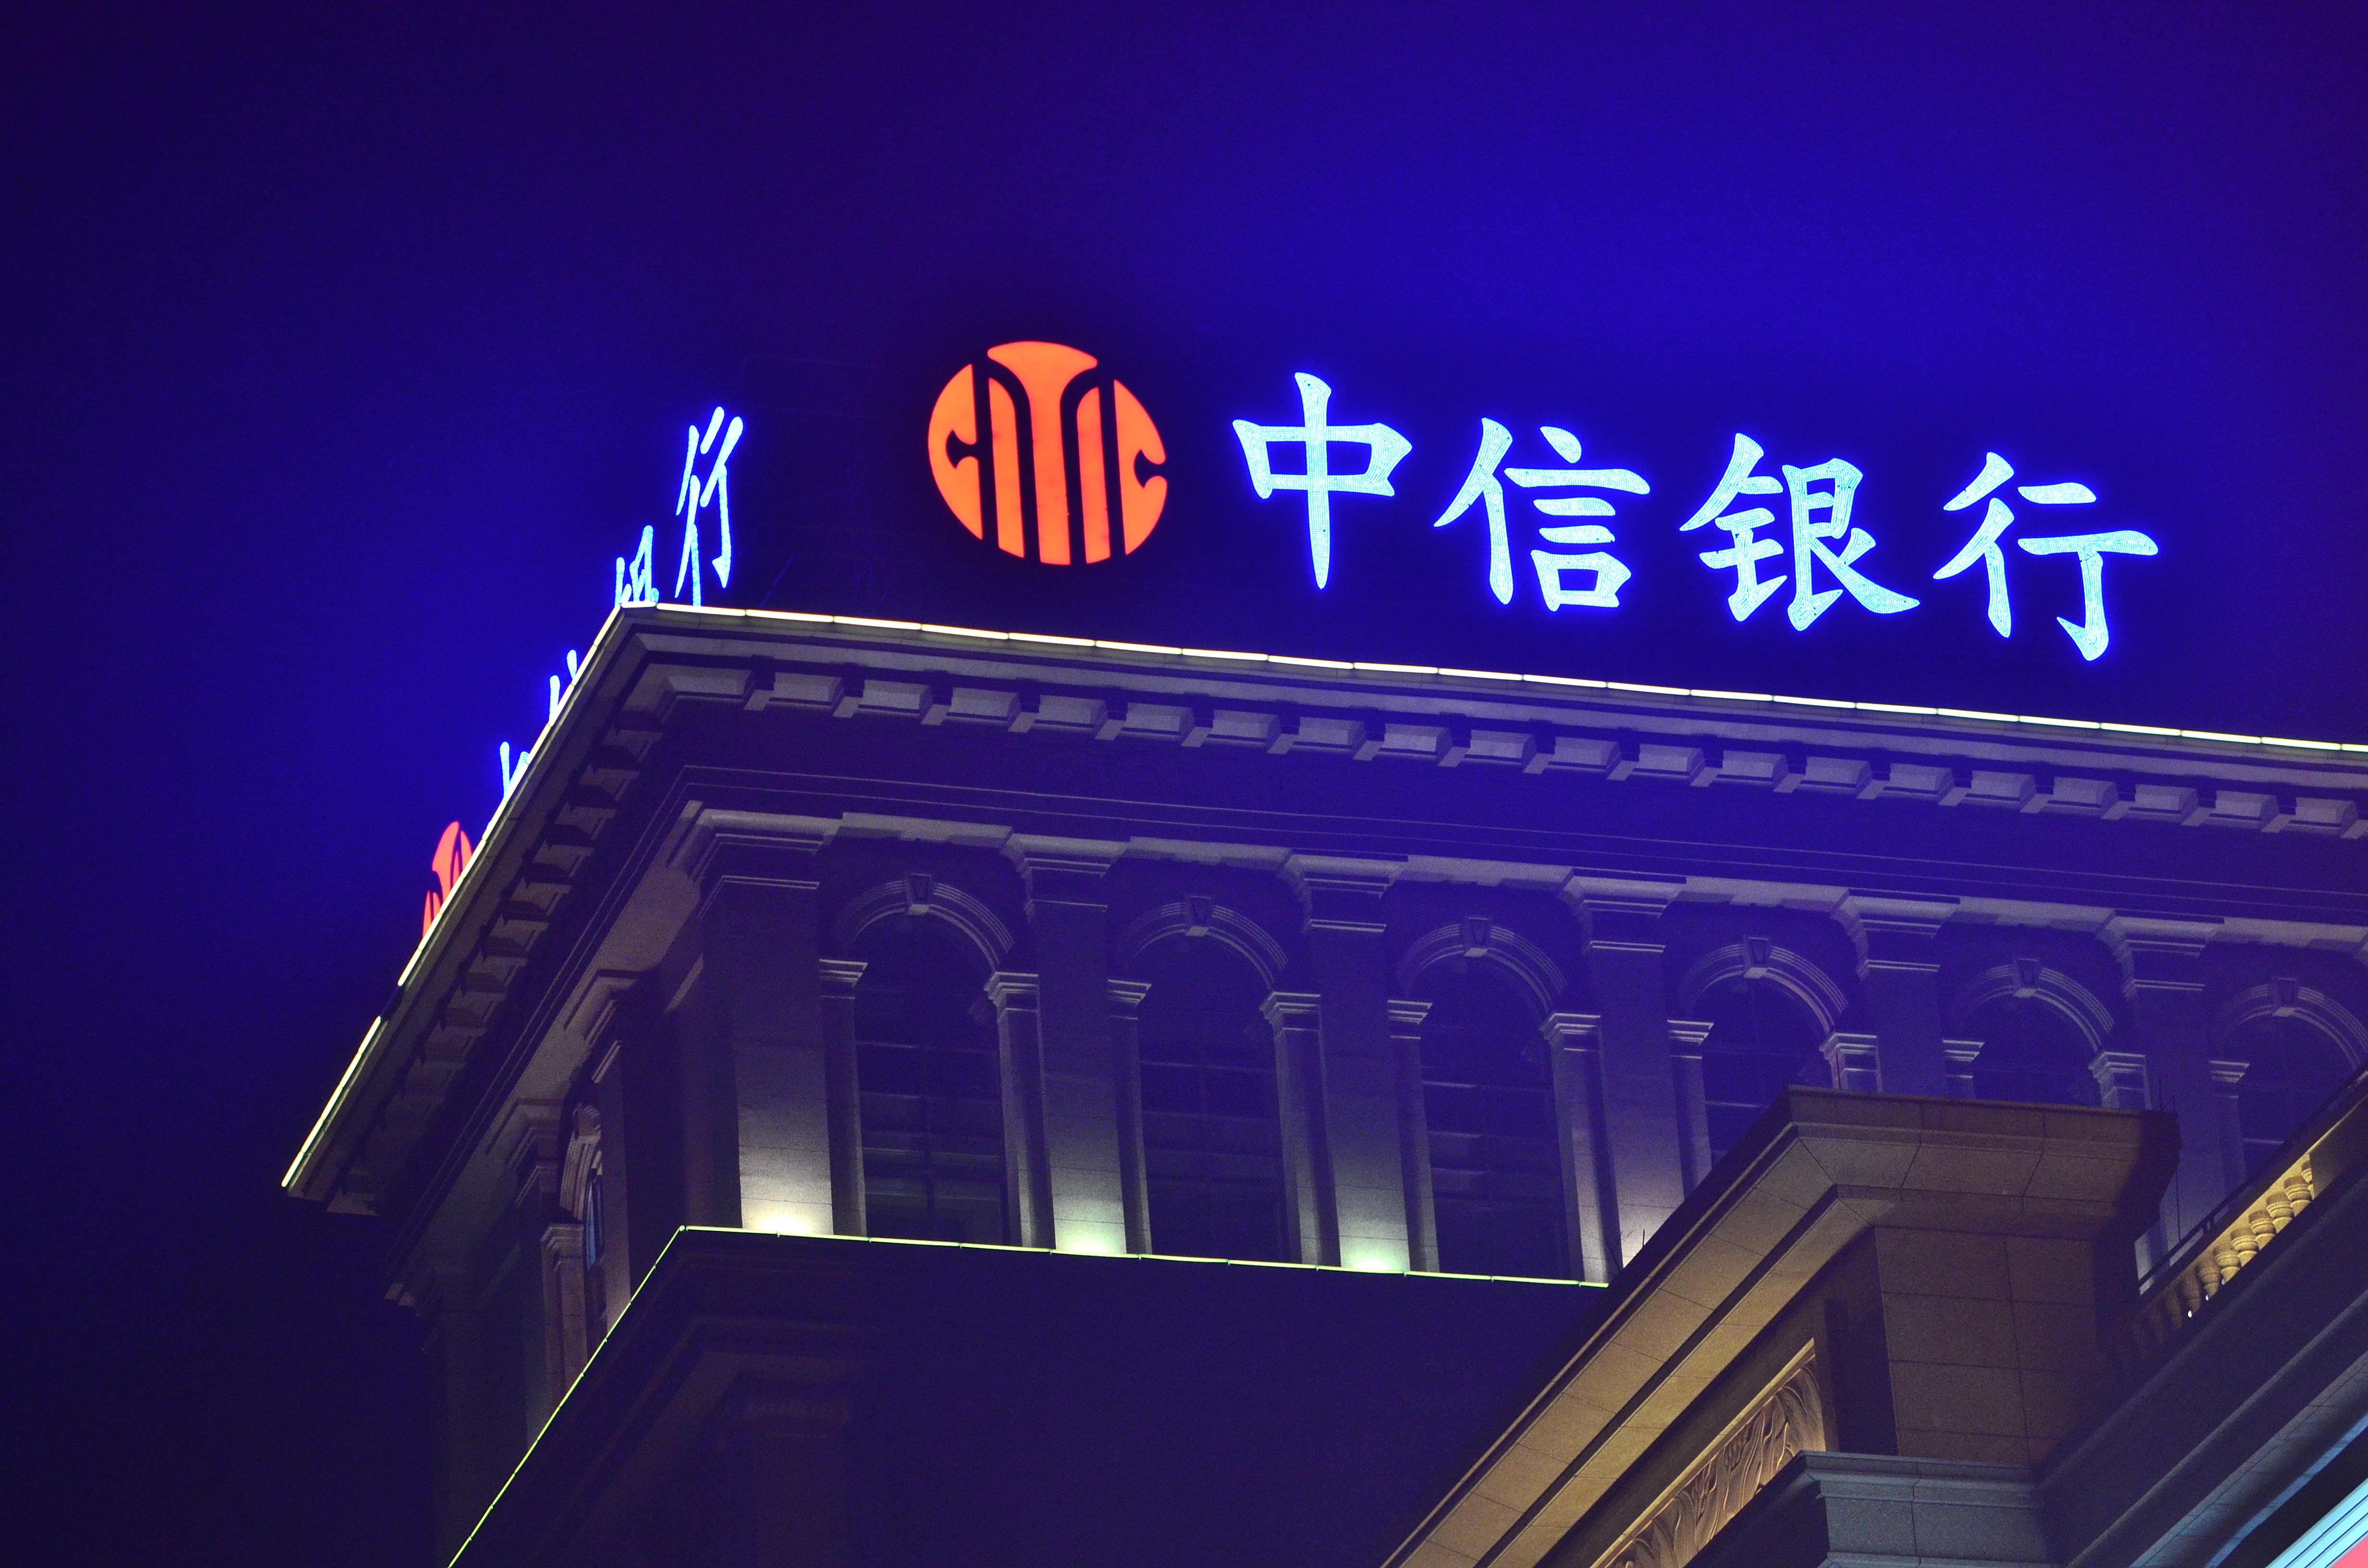 中信银行发光字制作